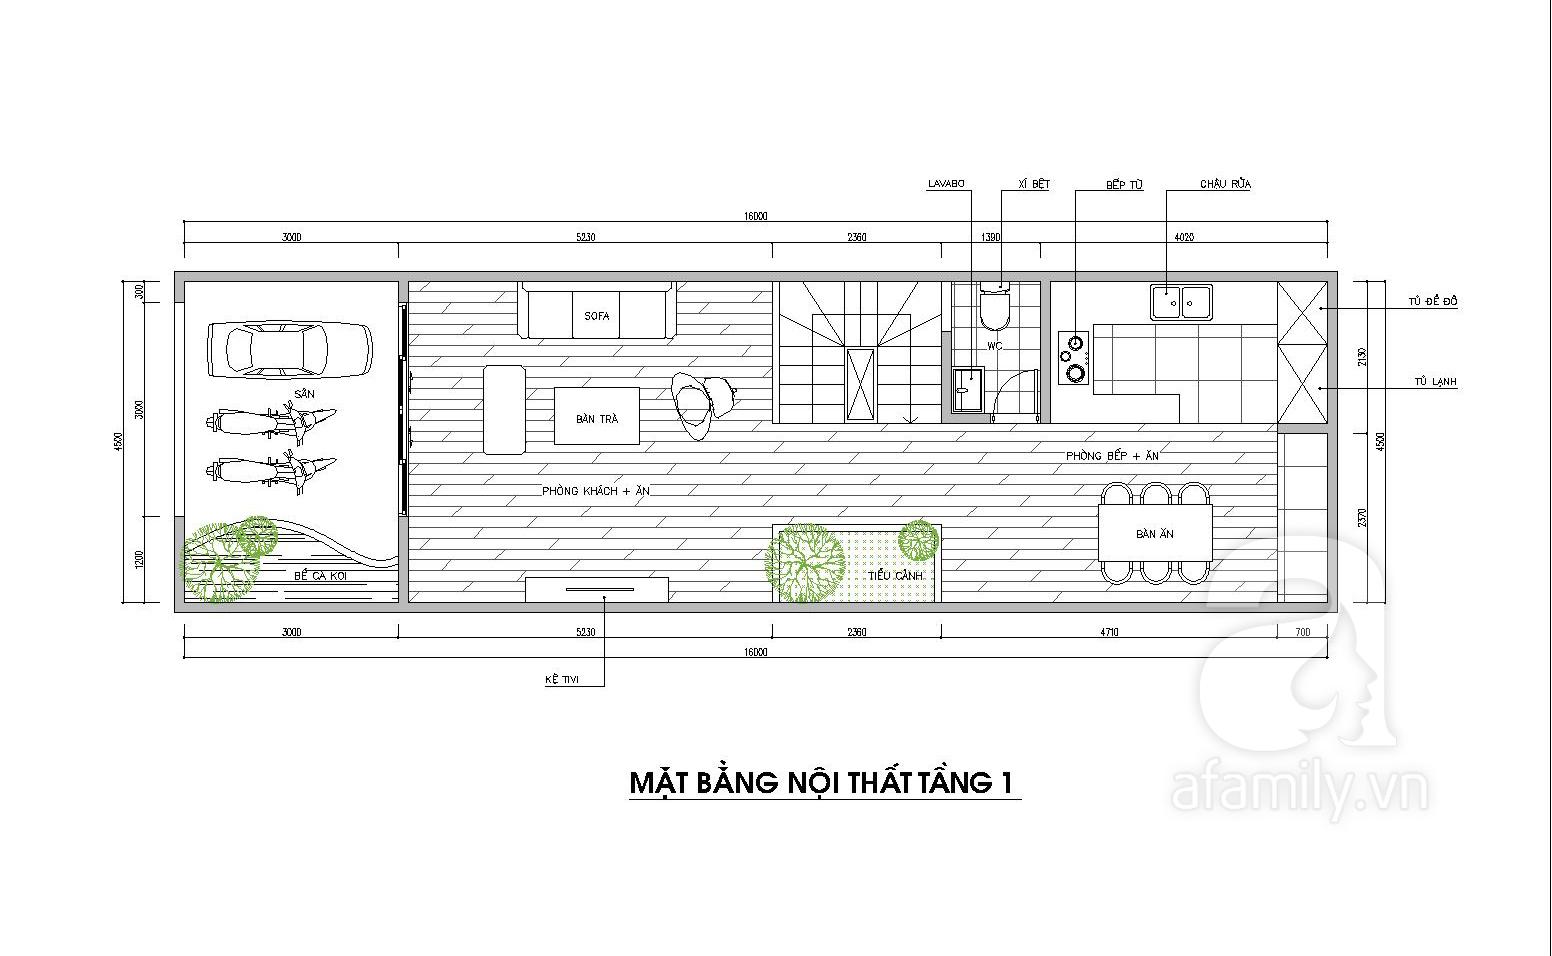 Tư vấn thiết kế căn nhà phong cách Scandinavian đơn giản mà đầy tinh tế với chi phí 155 triệu - Ảnh 2.